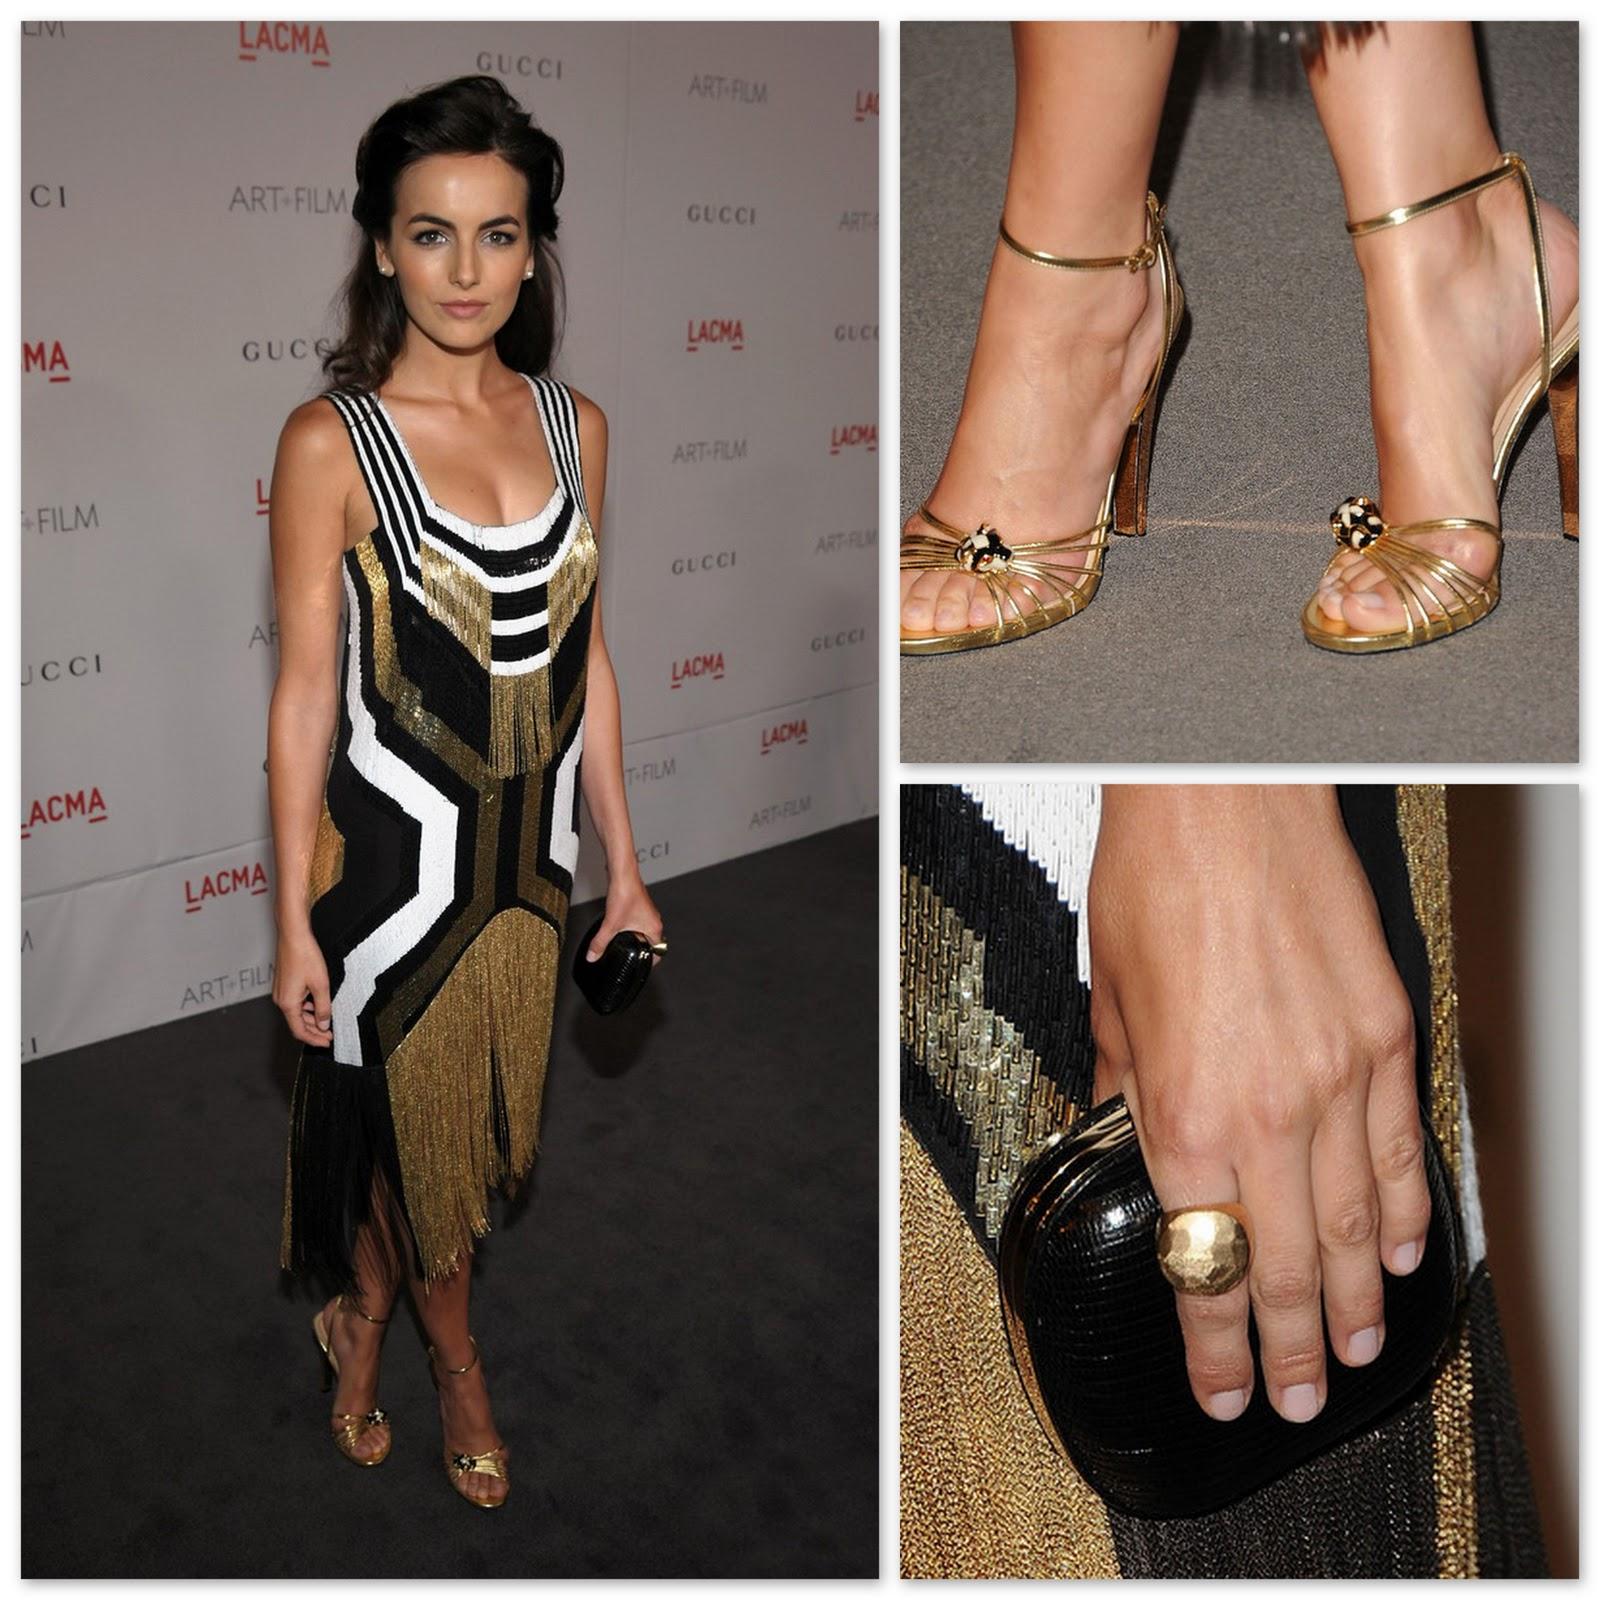 http://2.bp.blogspot.com/-ISxFAZPX87Y/TrcwI2zxVCI/AAAAAAAAEzs/djo_mJKUr4w/s1600/best+dressed3.jpg